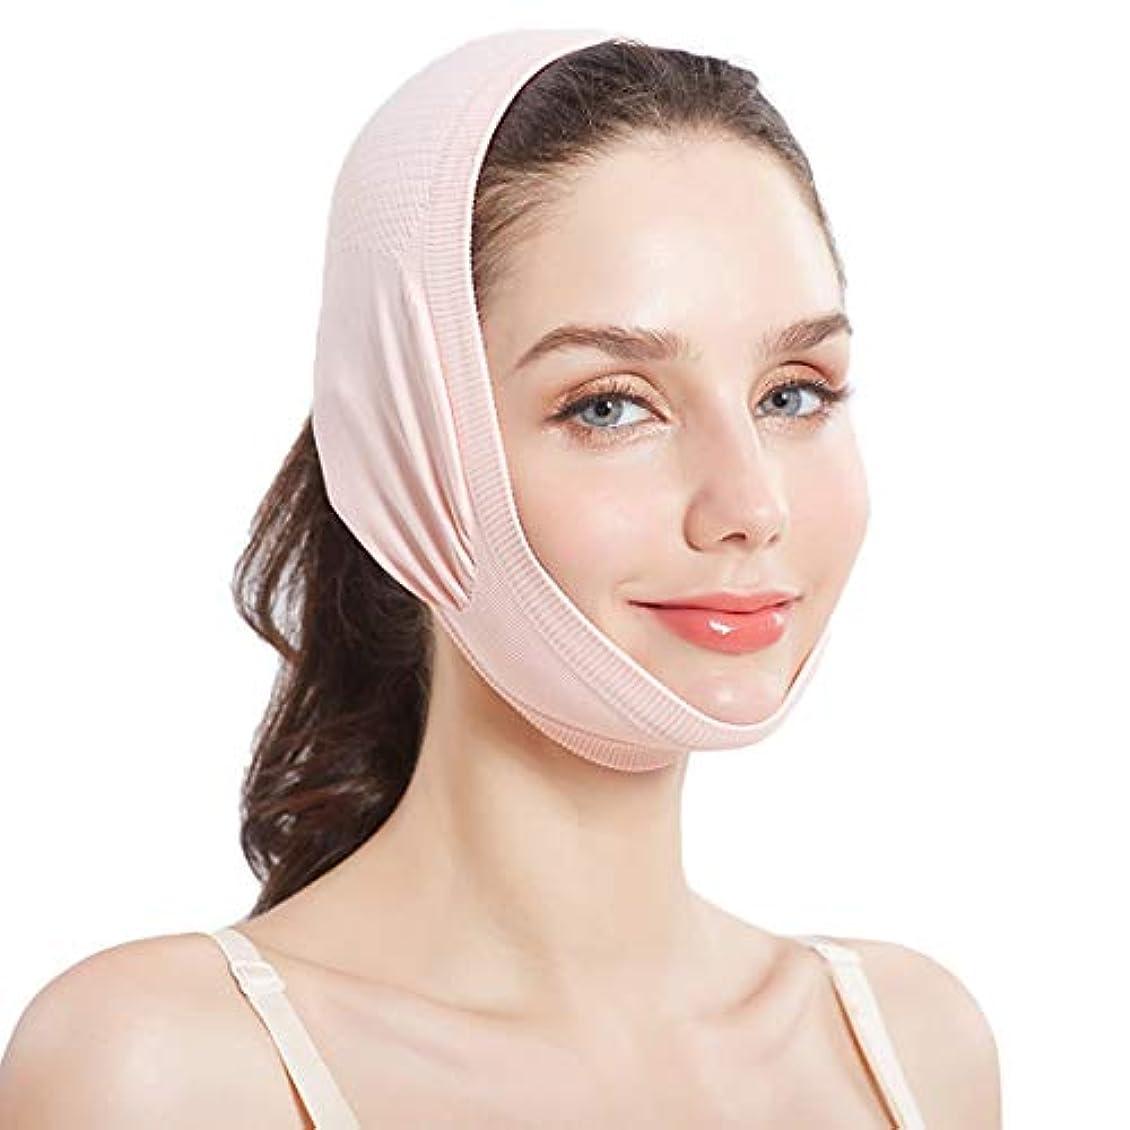 縮れた検査官エッセイZWBD フェイスマスク, フェイスリフティング包帯マスクあごV整形マスク美容包帯マスクリフティング引き締めピンクベージュ (Color : Pink)